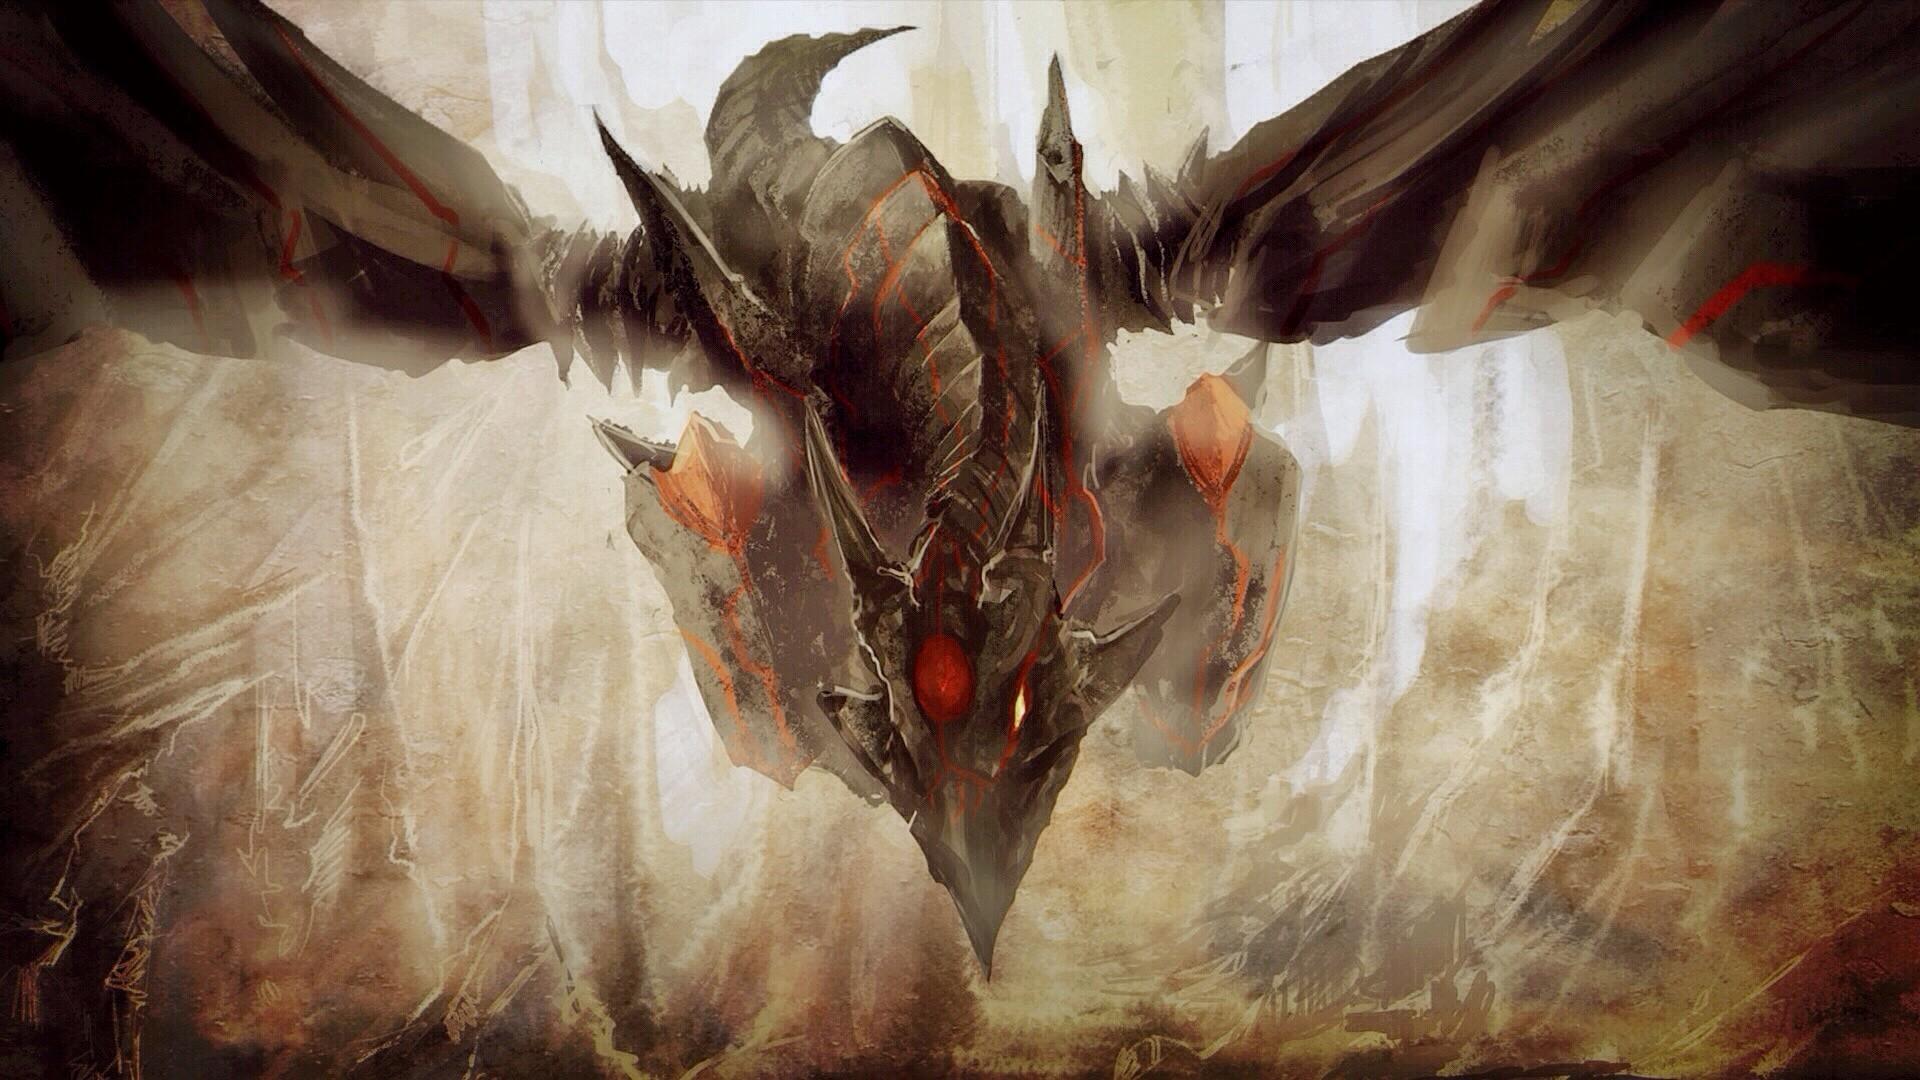 Hd black dragon wallpaper